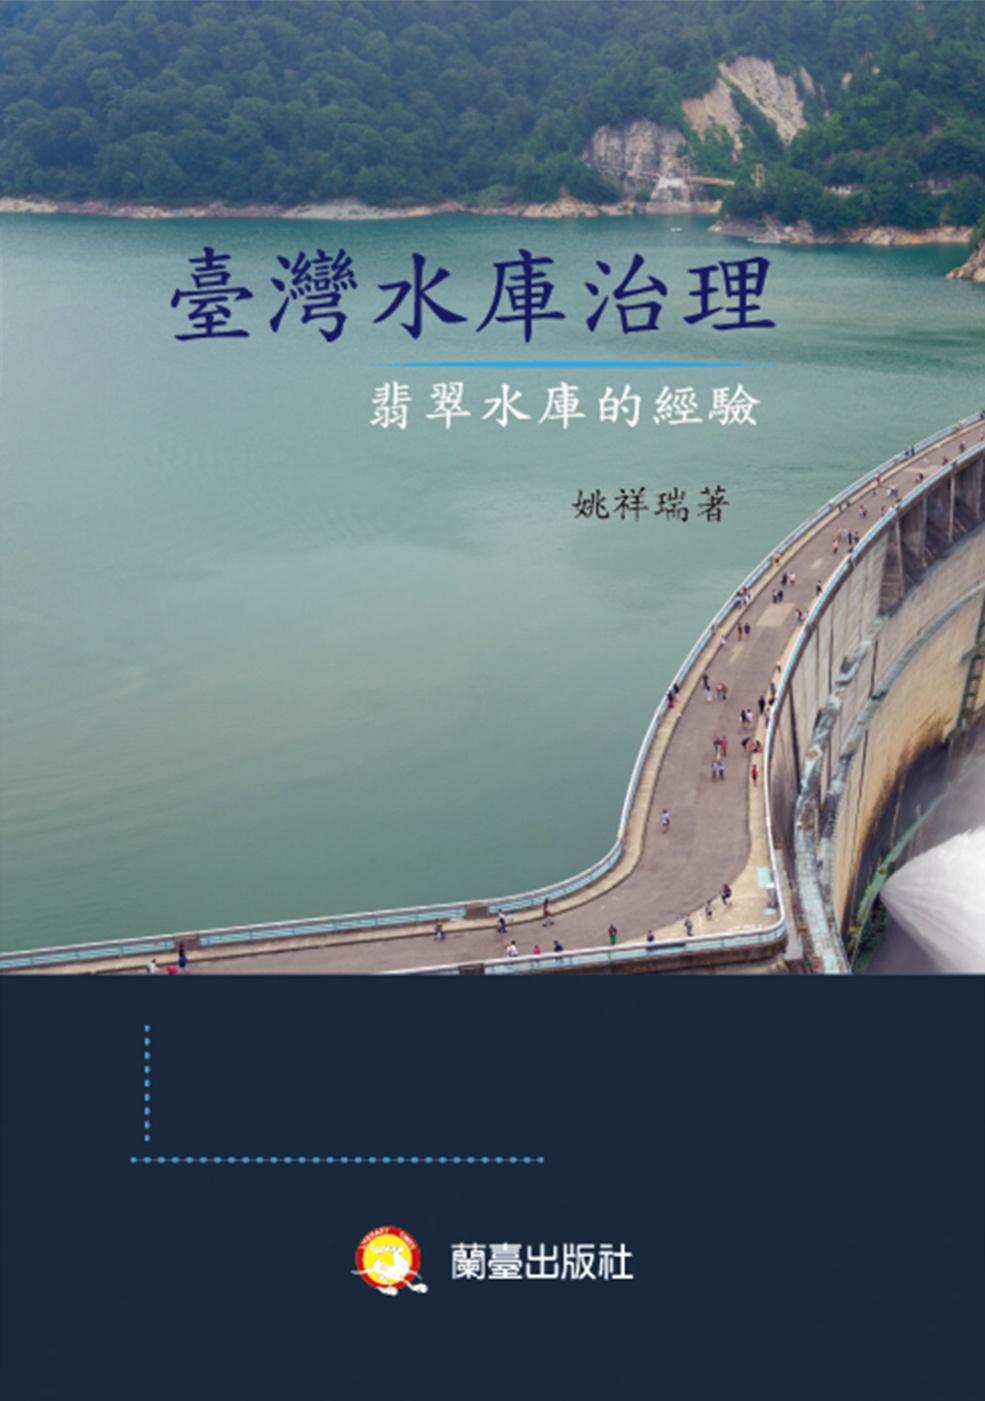 臺灣水庫治理:翡翠水庫的經驗